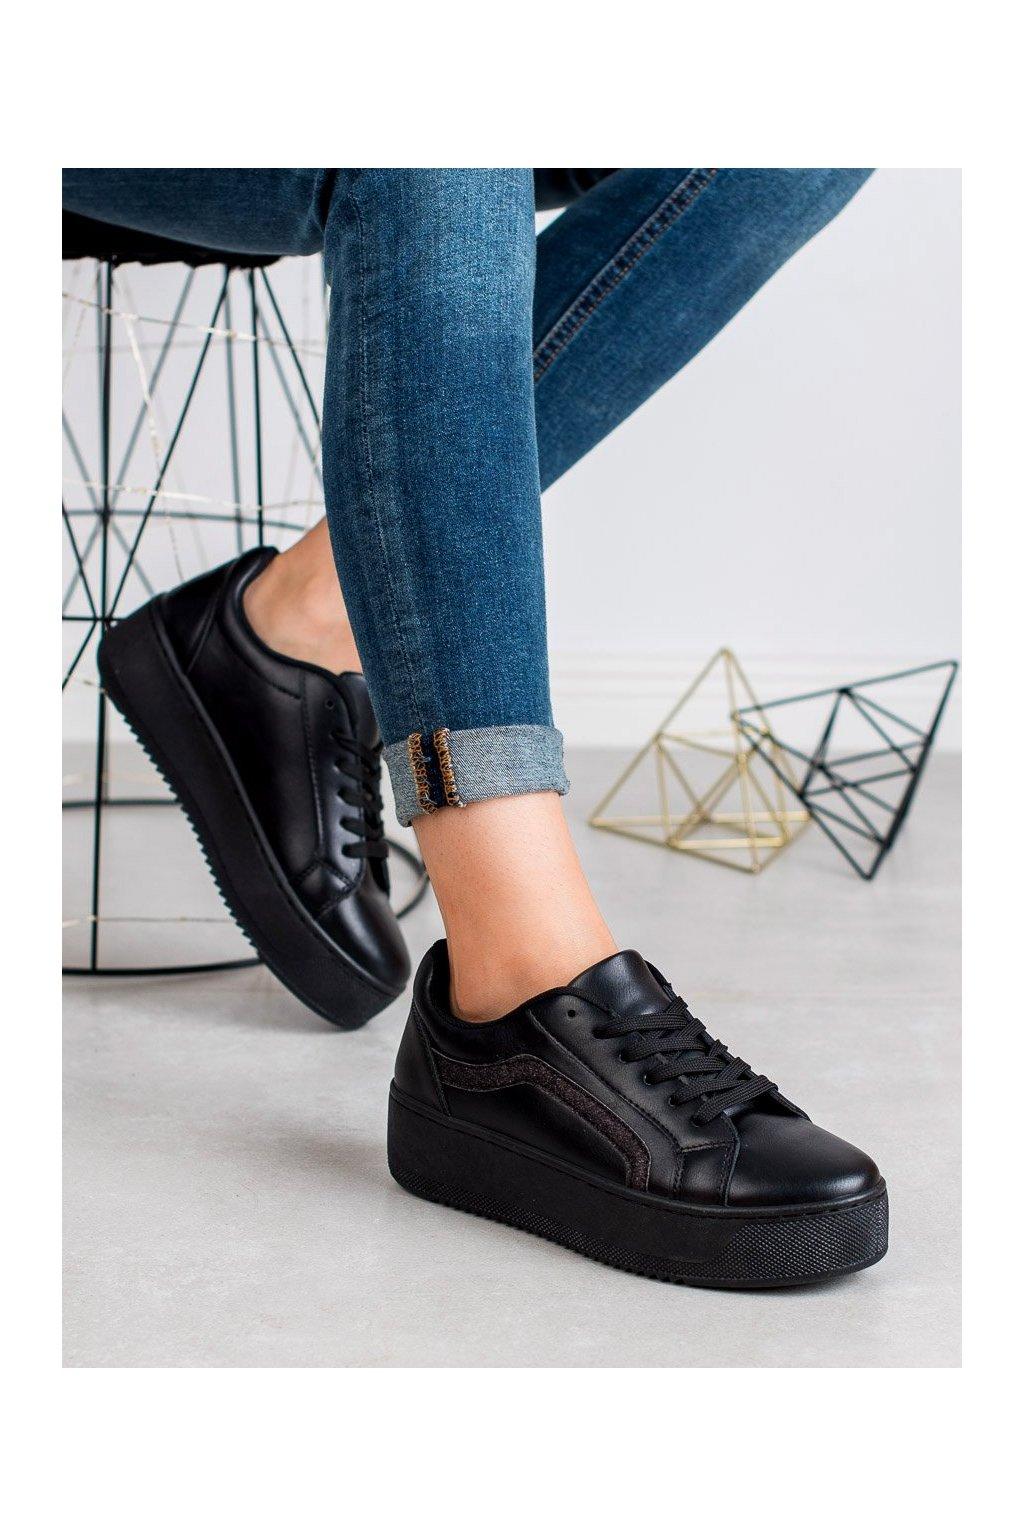 Čierne topánky - Shelovet kod 798B